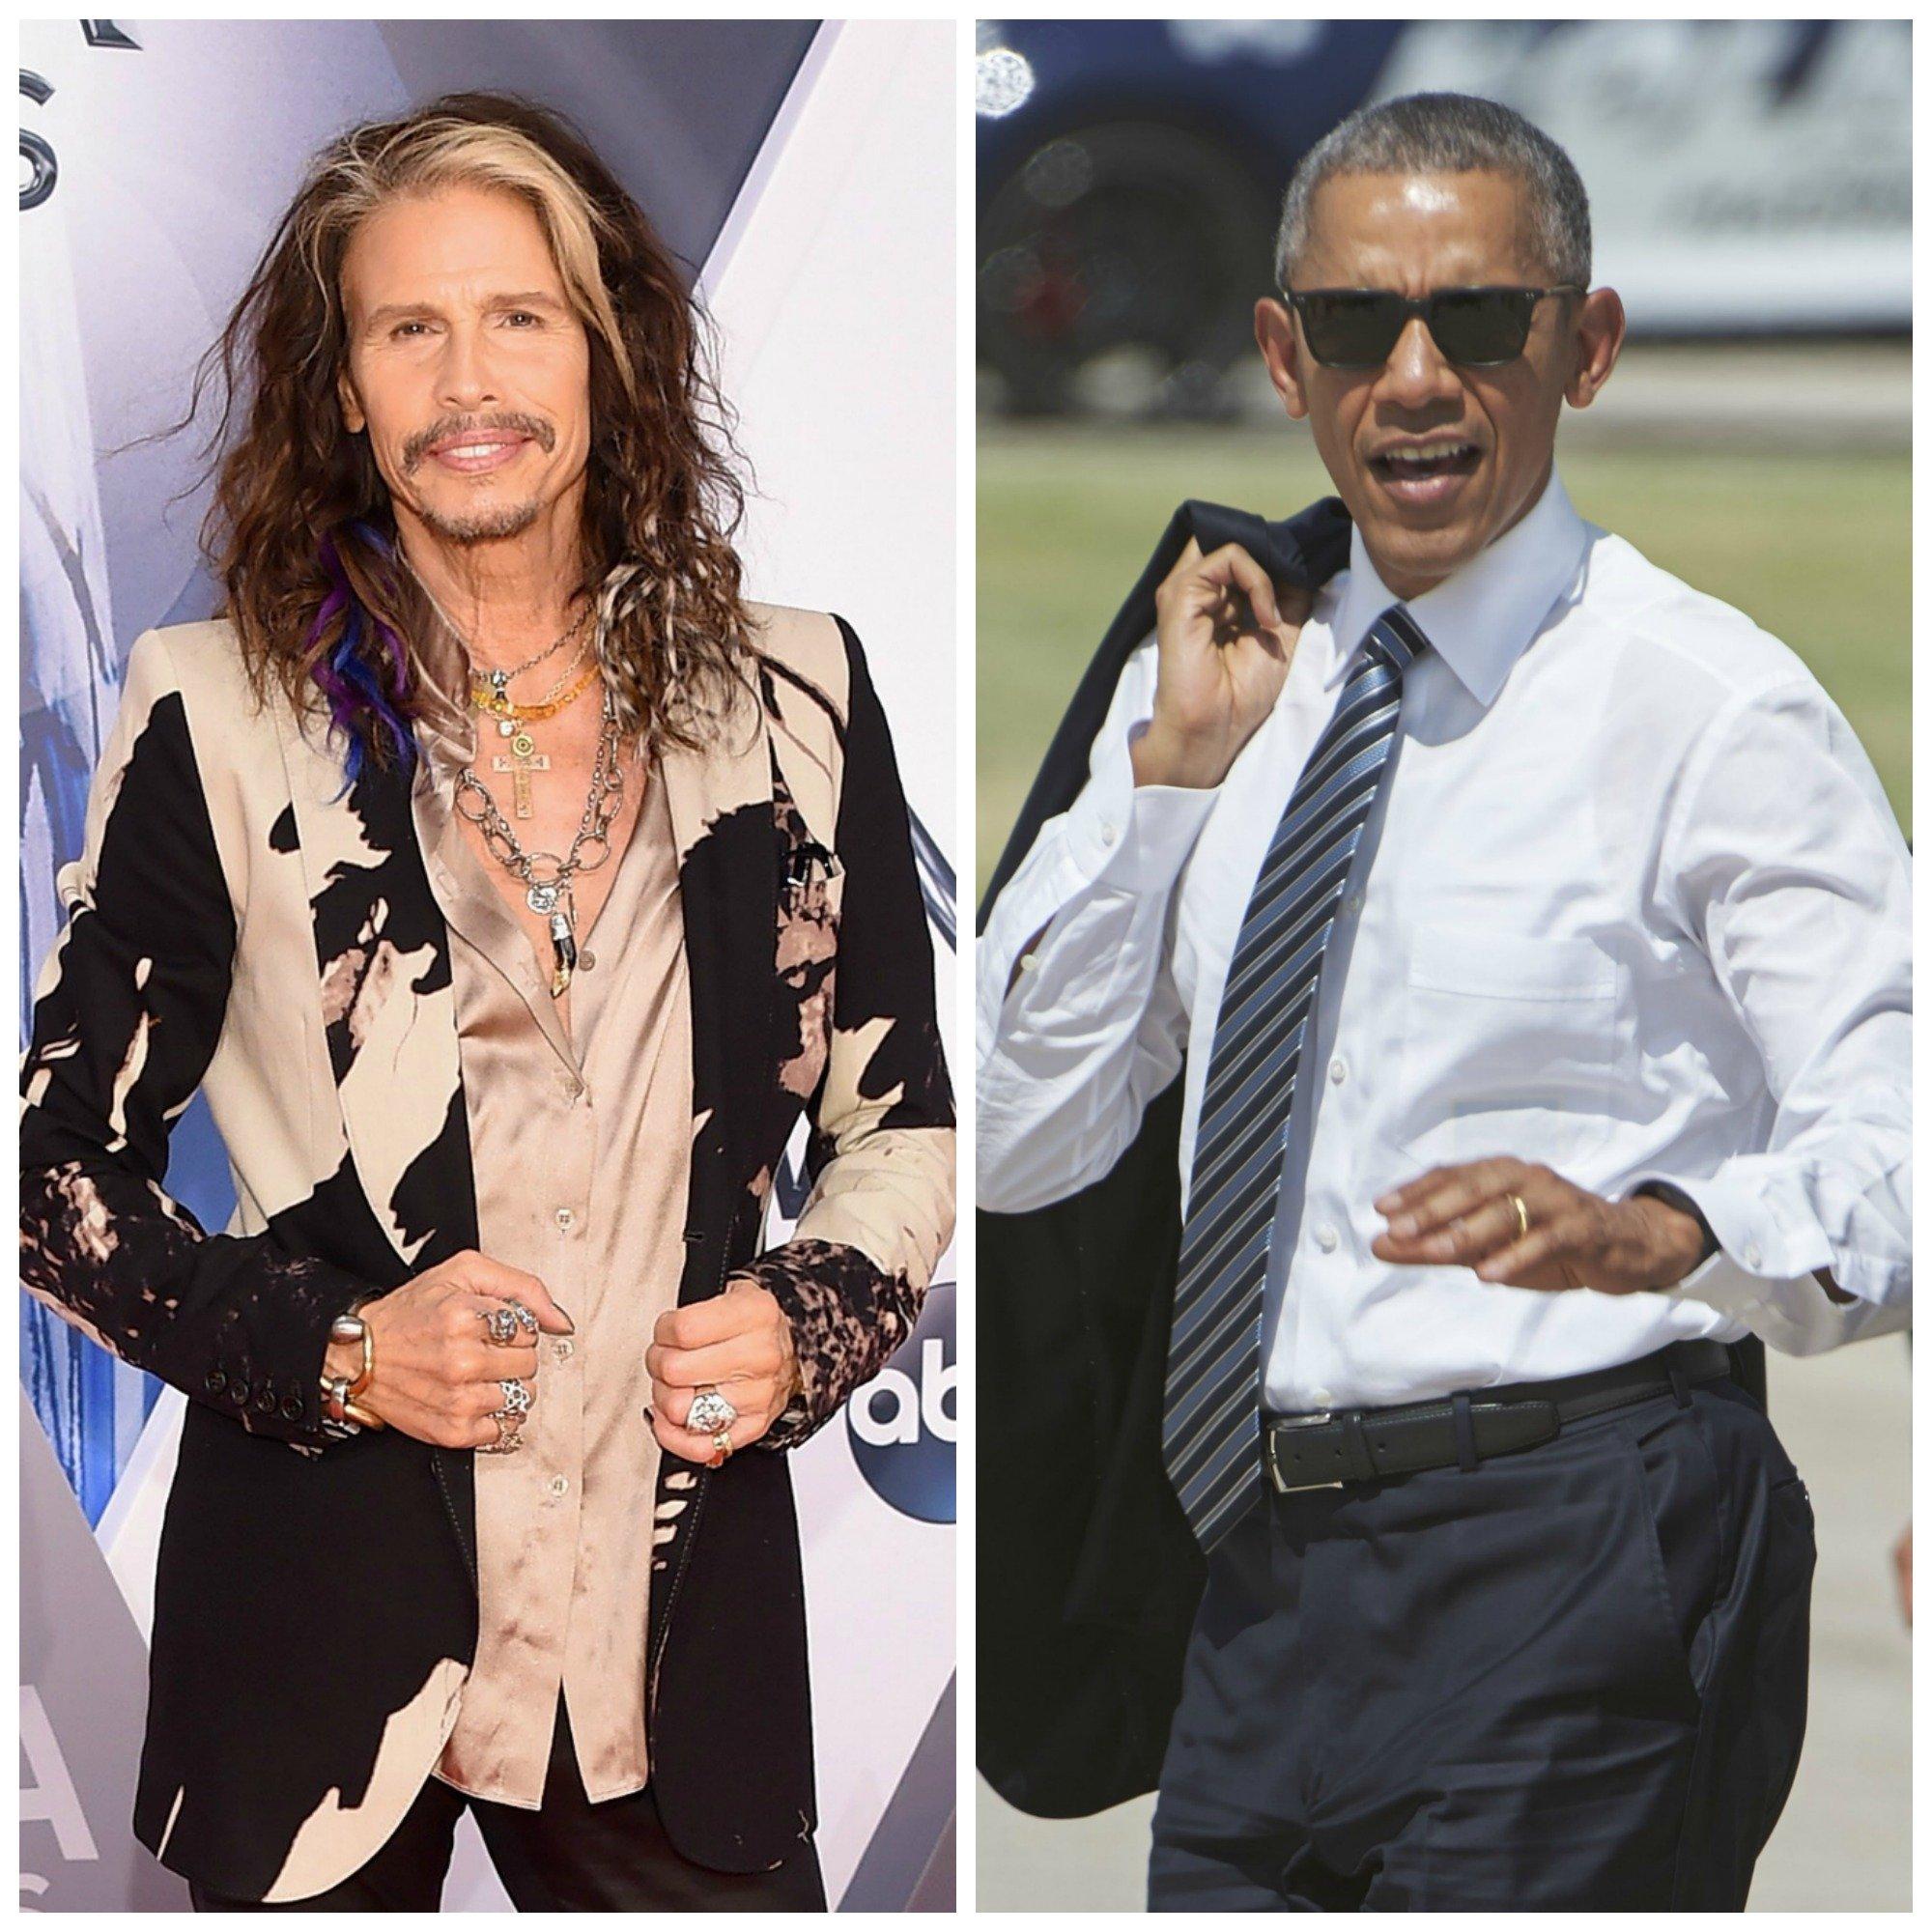 Steven Tyler and President Obama